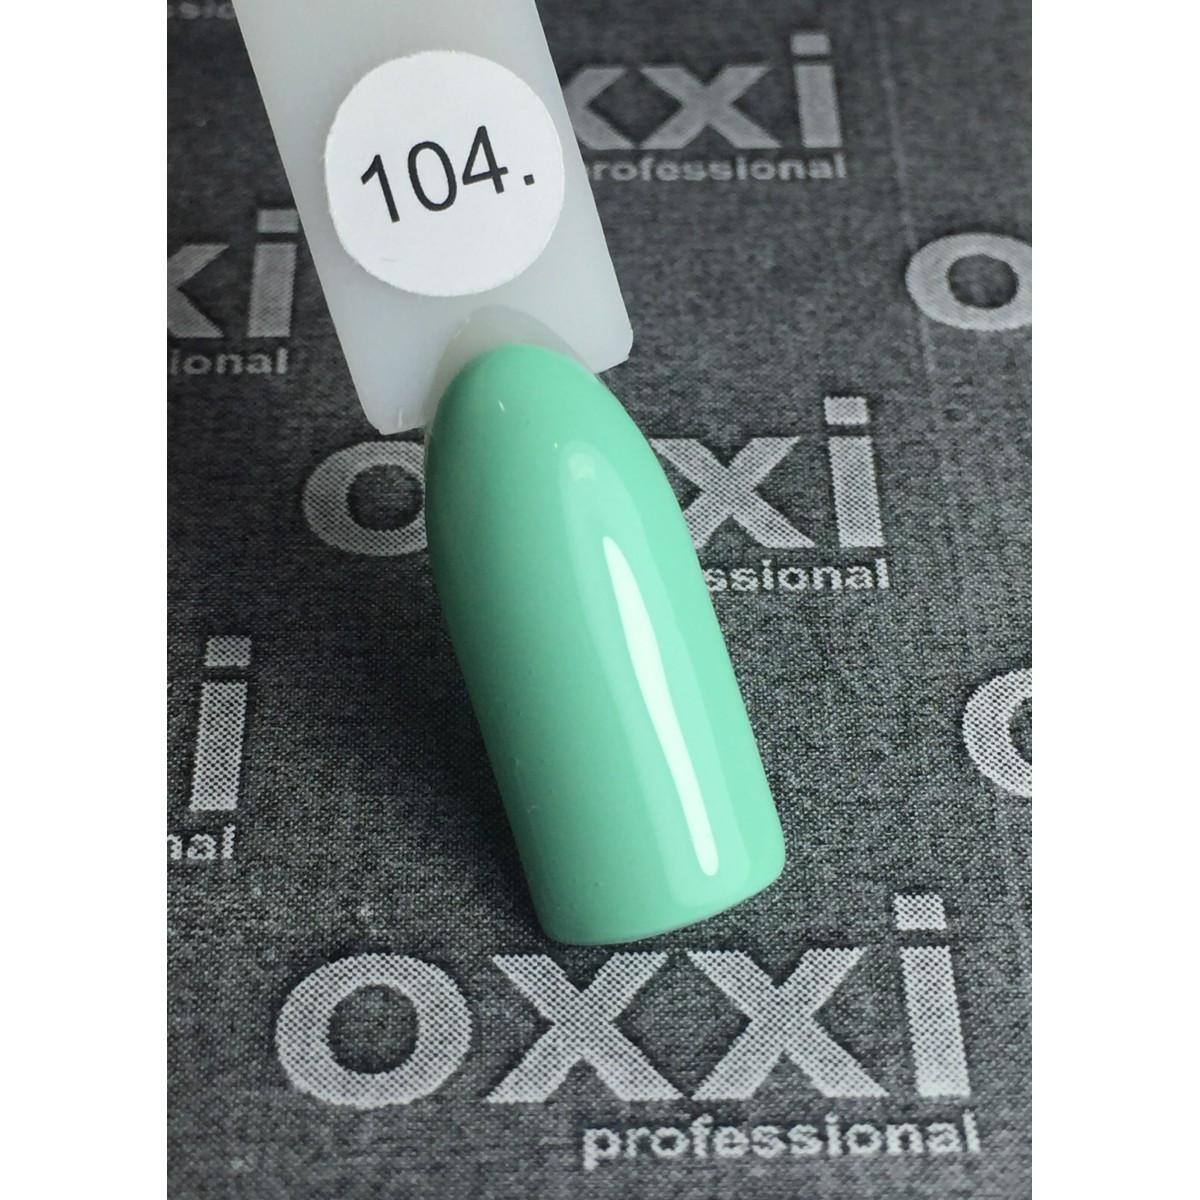 Гель-лак OXXI Professional №104 (мятный, эмаль), 8 мл